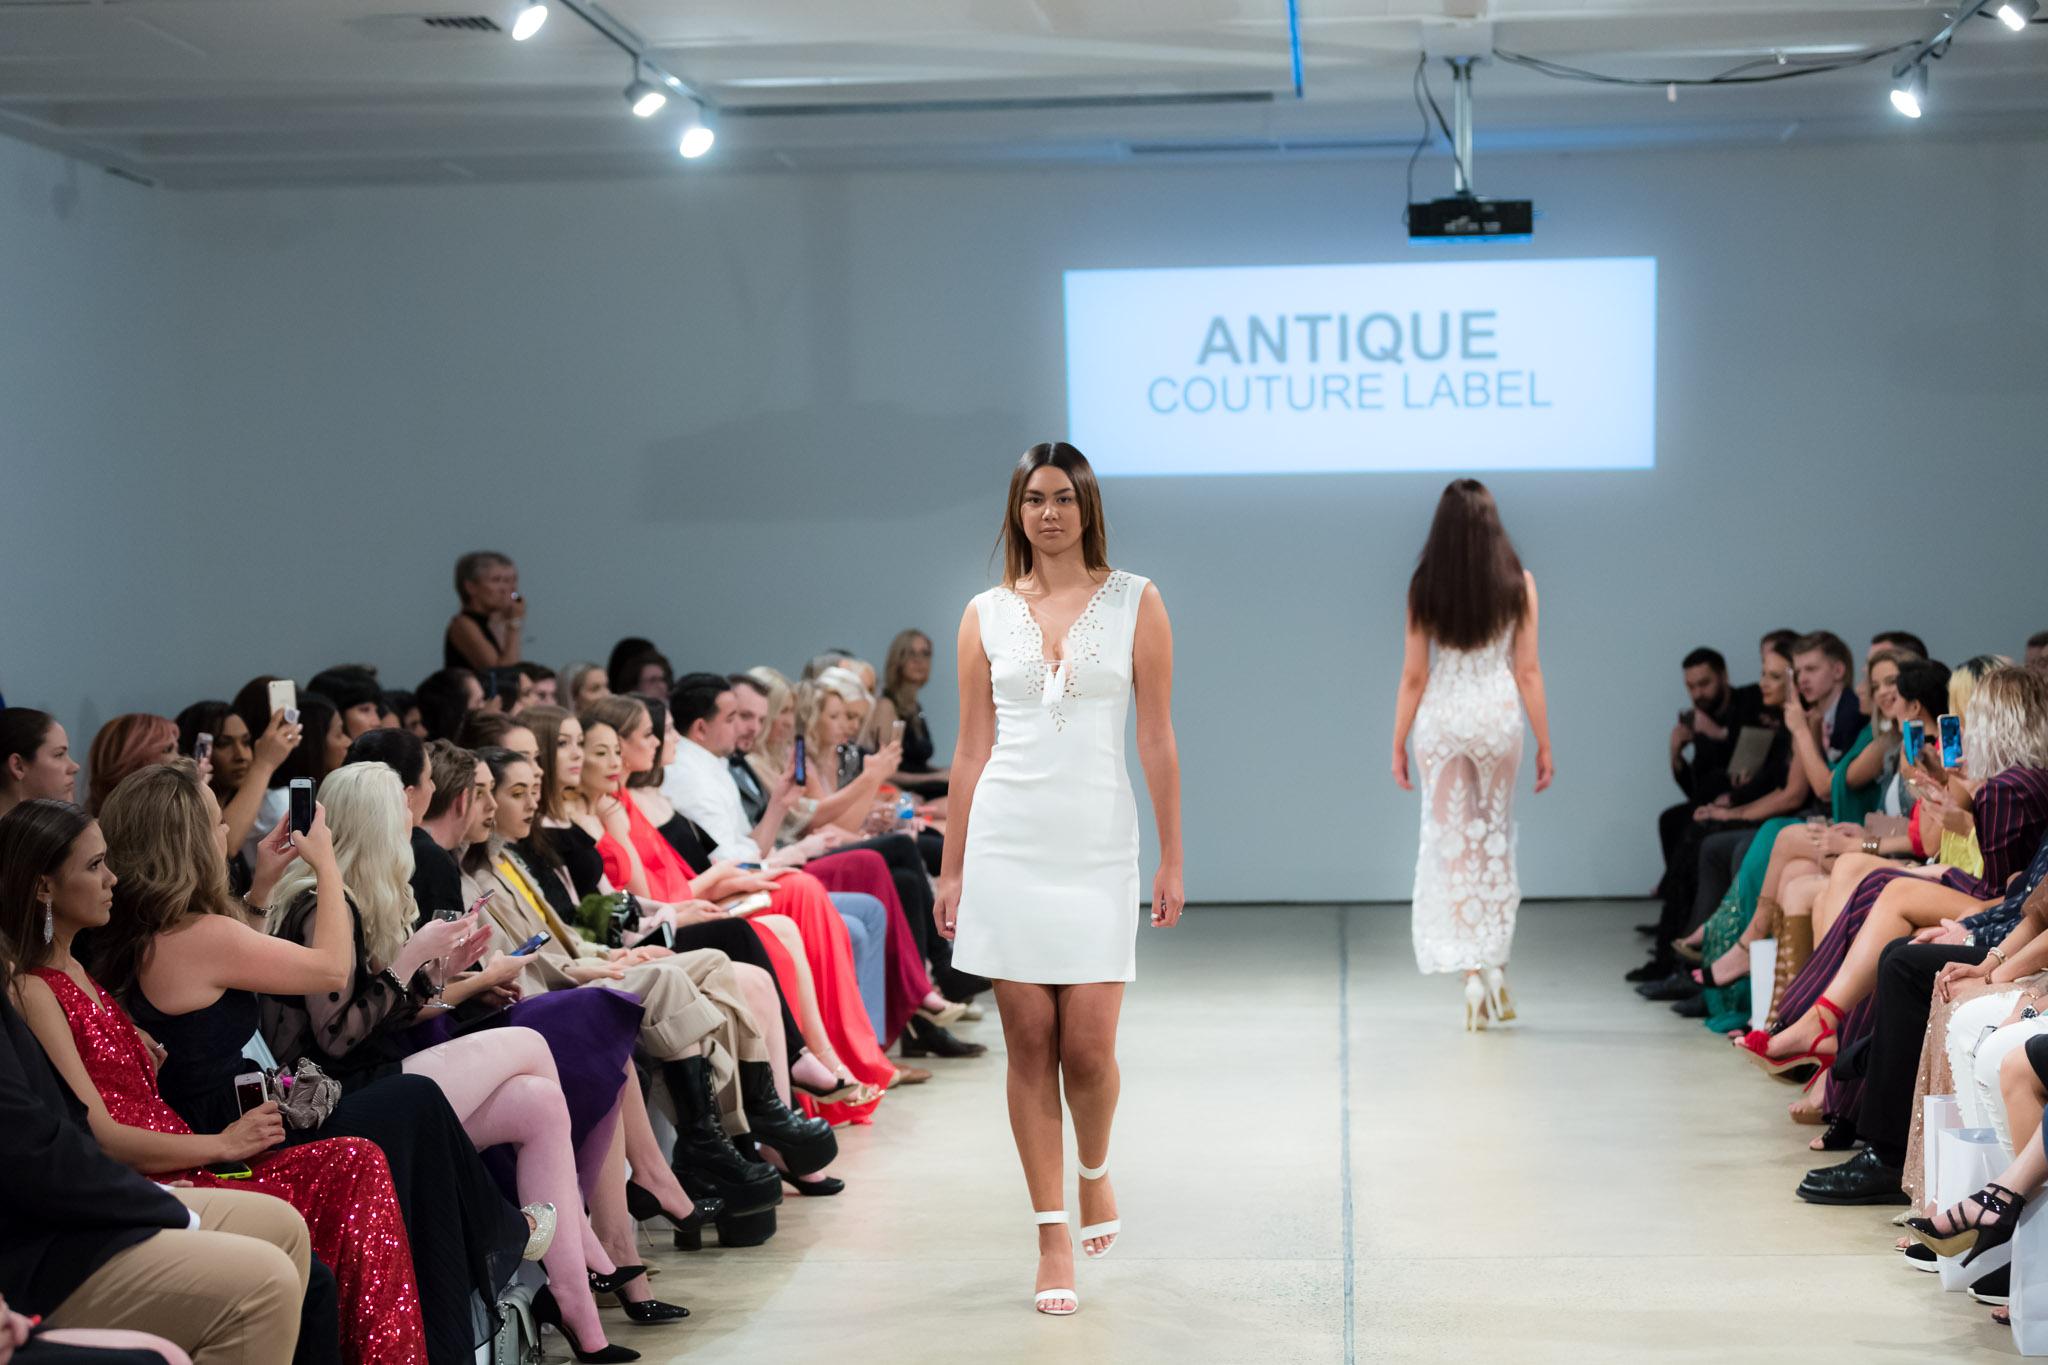 Antique Couture